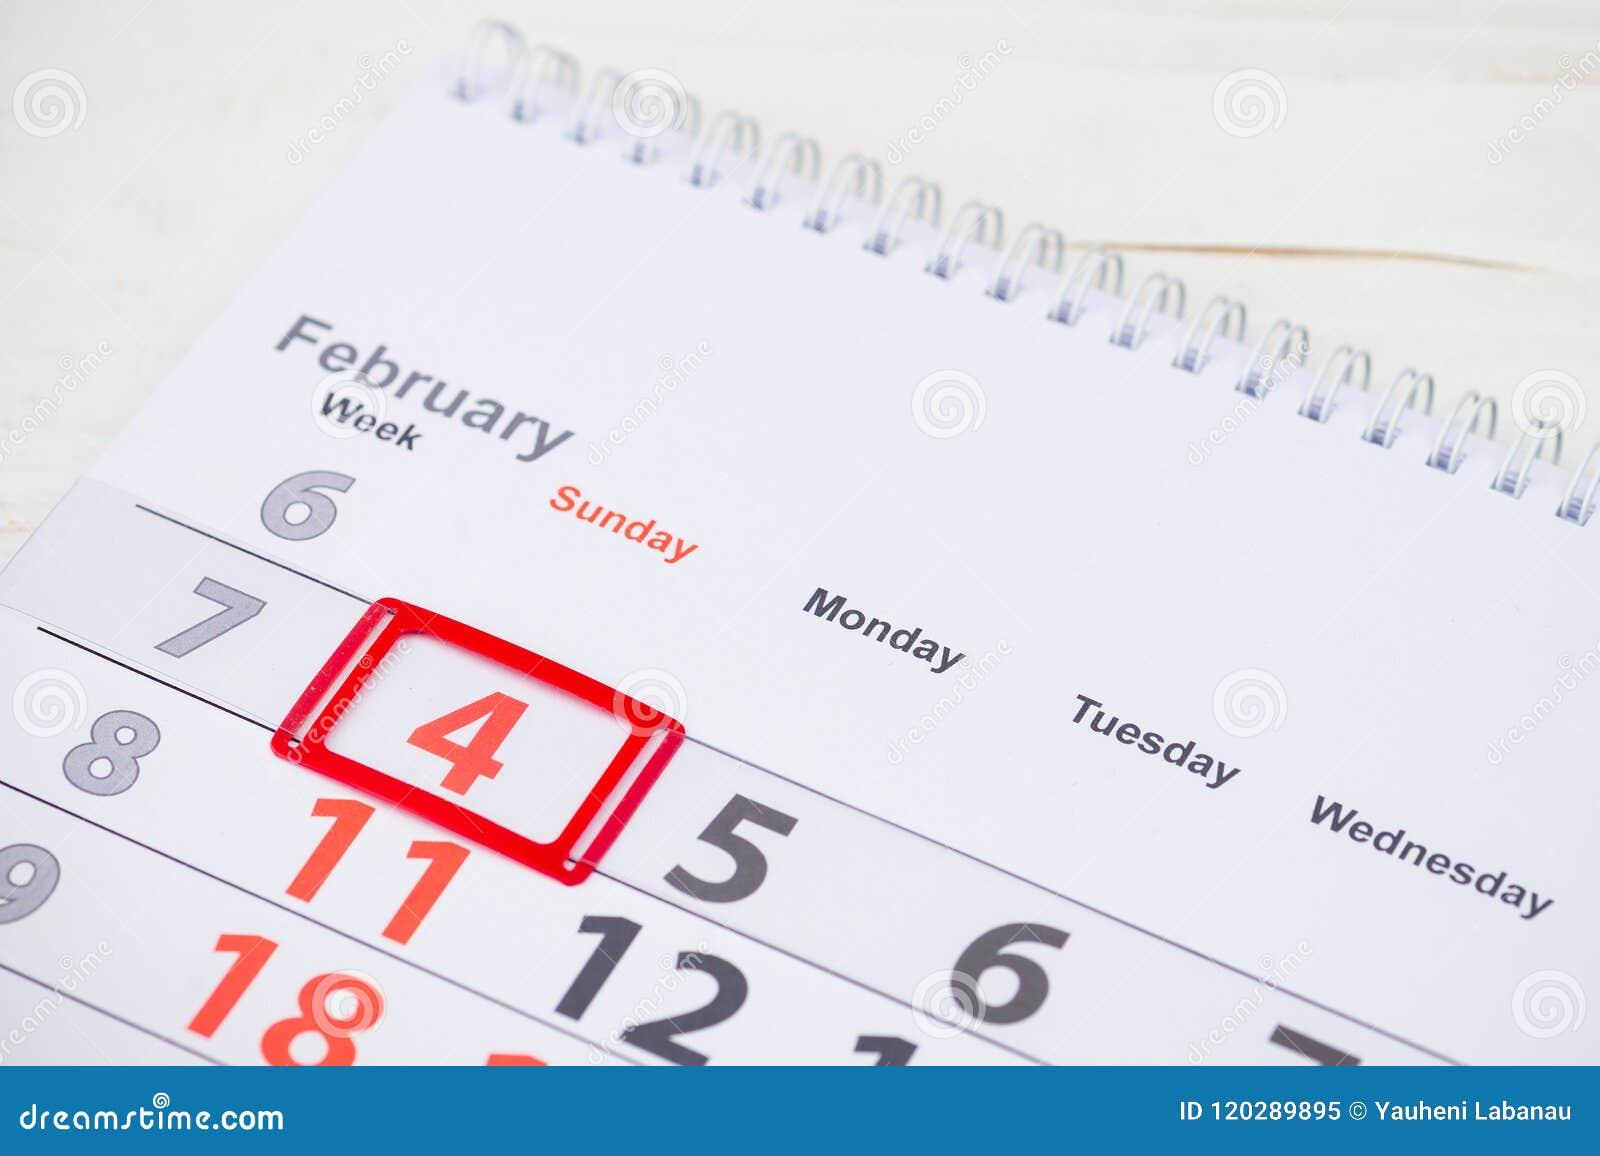 Marca Calendario.Dia Do Cancer Do Mundo 4 De Fevereiro Marca No Calendario Imagem De